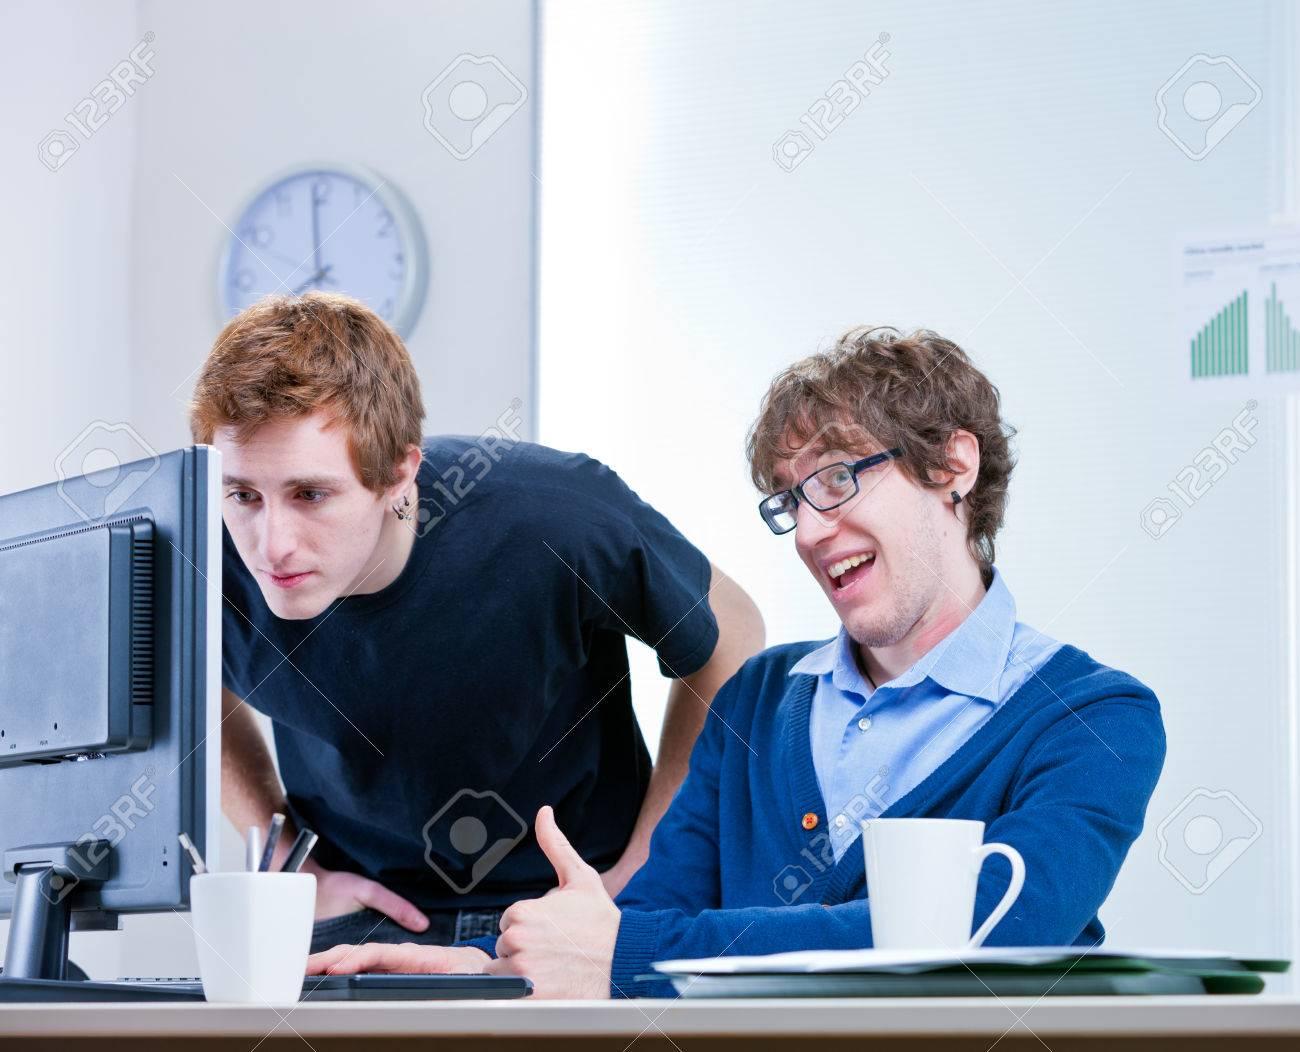 Un couple de jeunes employés dans un bureau à travailler ensemble